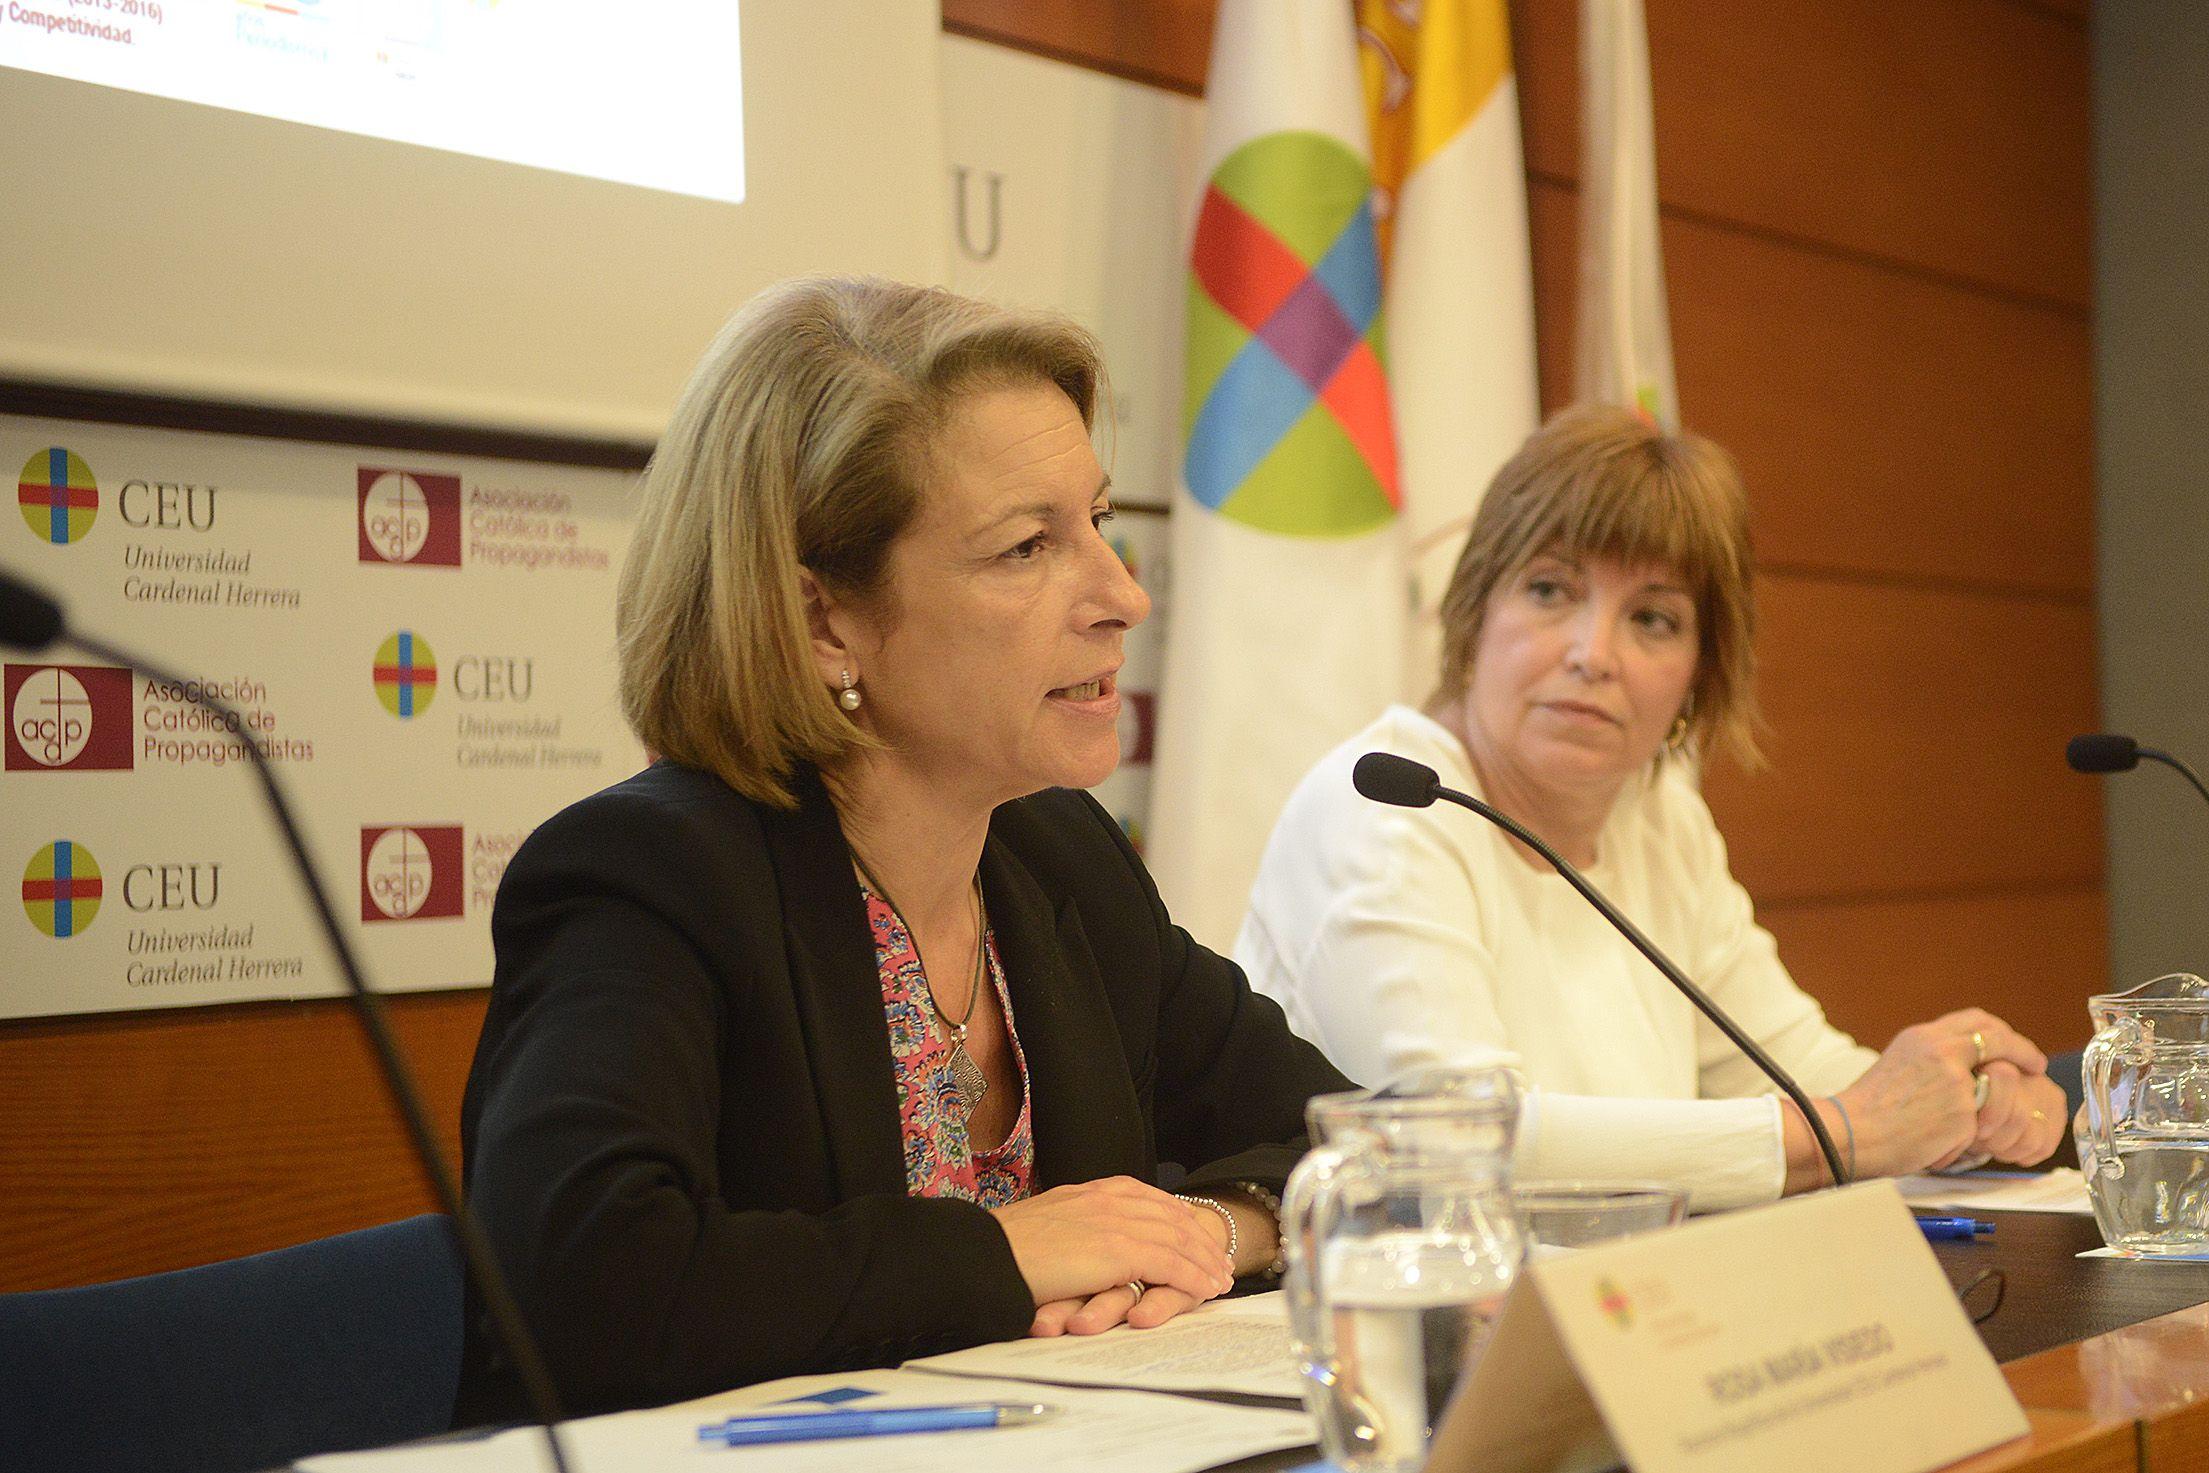 La rectora Rosa Visiedo y la directora general Empar Marco, en la clausura de las Jornadas sobre el futuro del audiovisual valenciano, celebradas en el CEU.